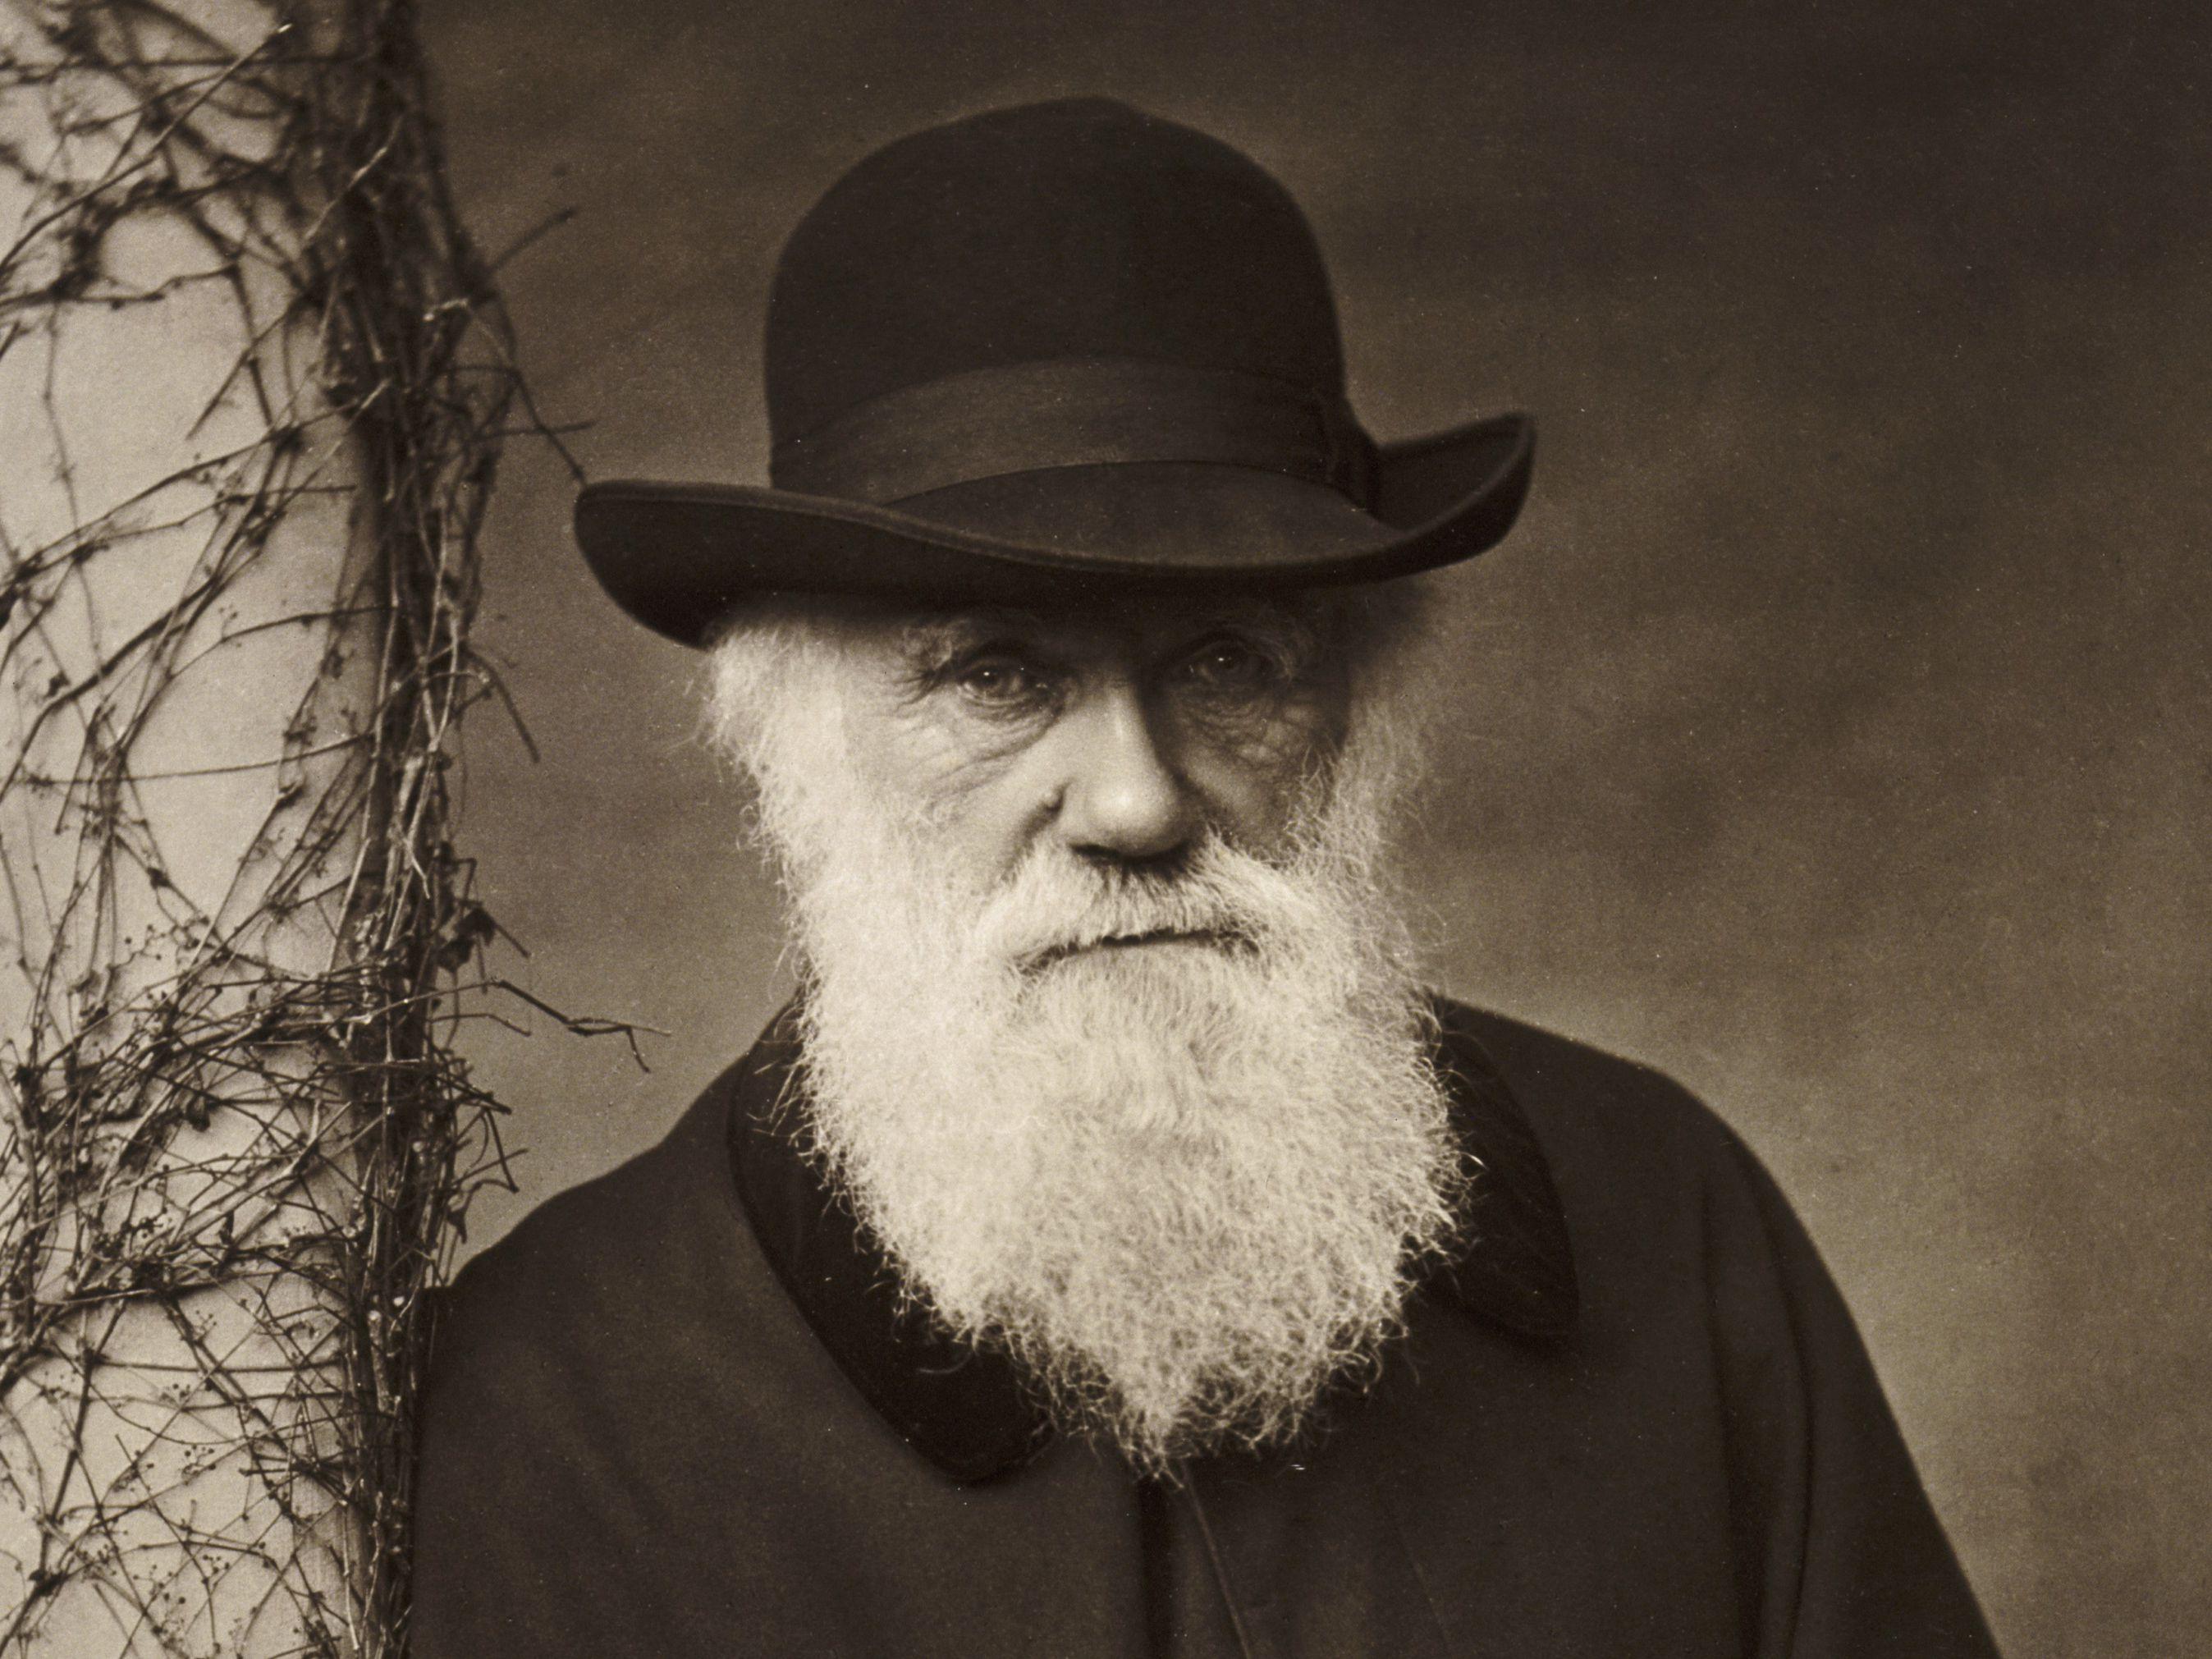 f229fa82d5d23cf6436a34a33b9cd0c4 - Mutation Versus Natural Selection: Masatoshi Nei Challenges Charles Darwin's Evolution Theory